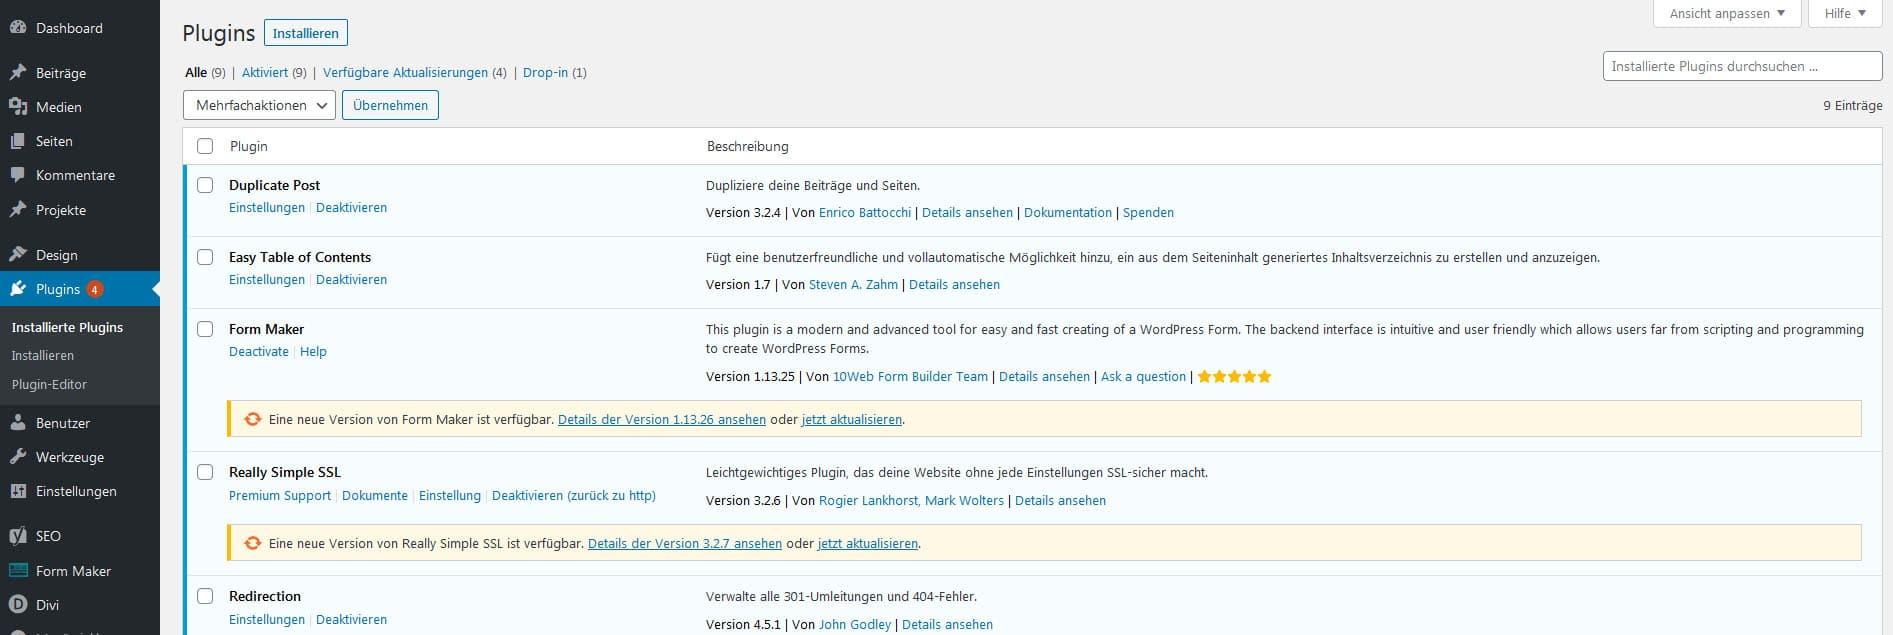 Wordpress Plugins: Der Leitfaden für alle Einsteiger und Anfänger, inkl. Plugin Empfehlungen 11